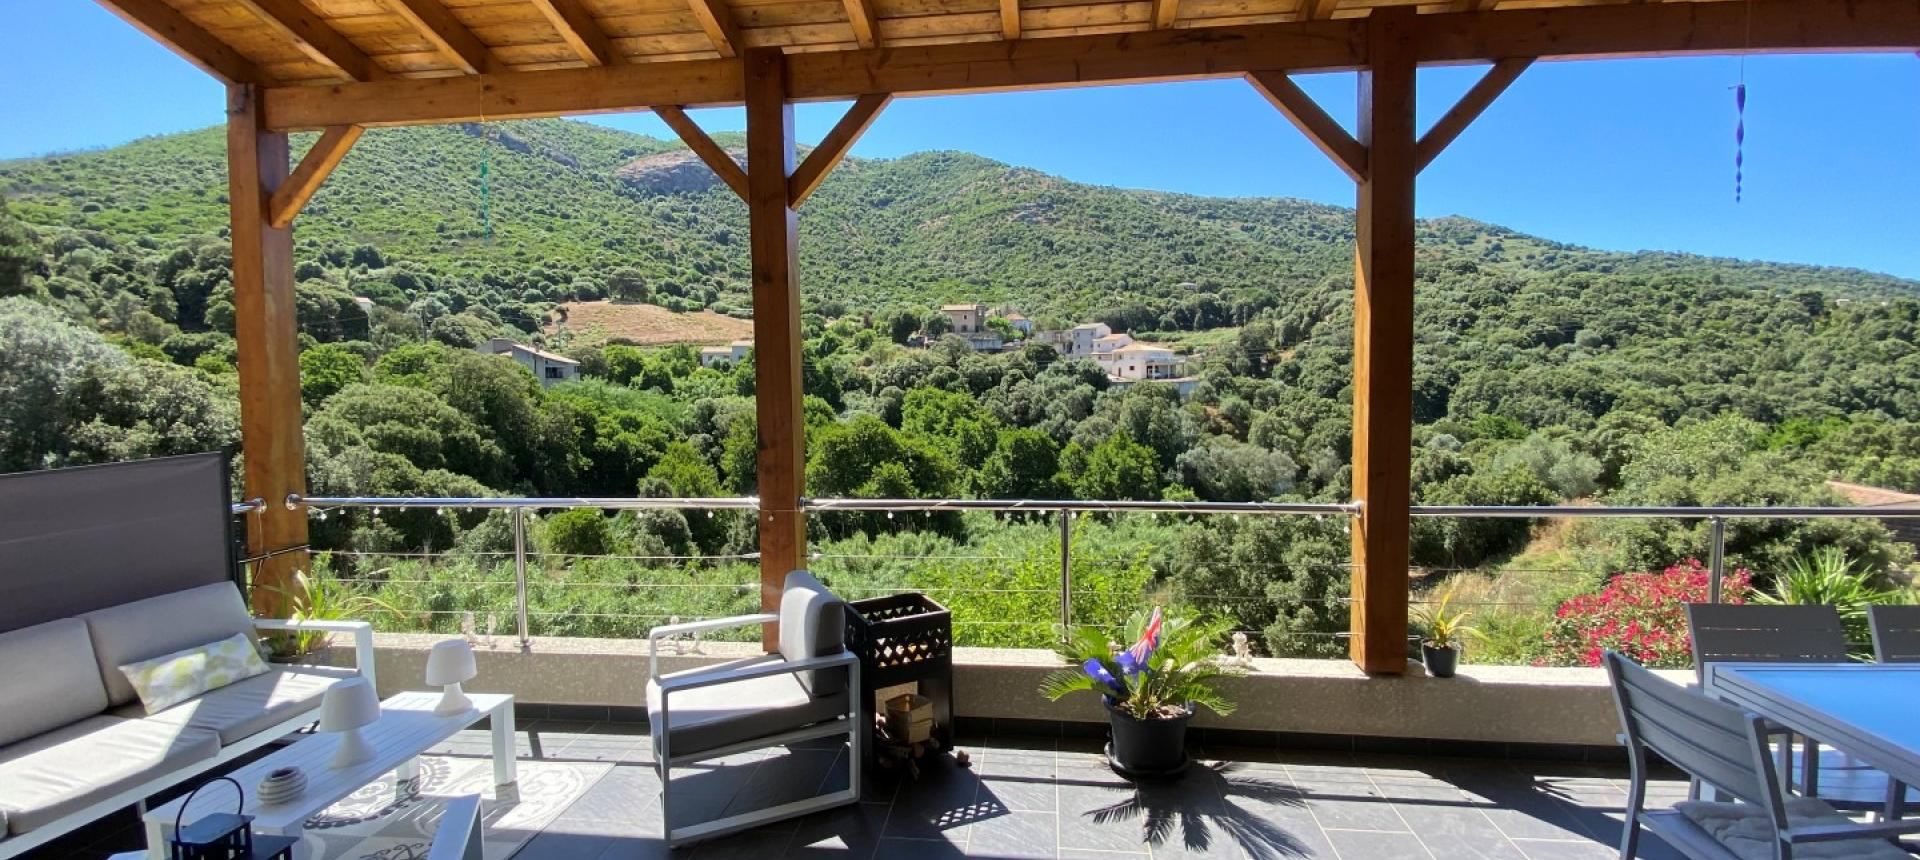 Villa à vendre proche Ajaccio - San Benedetto - Vue terrasse 1 - RDC